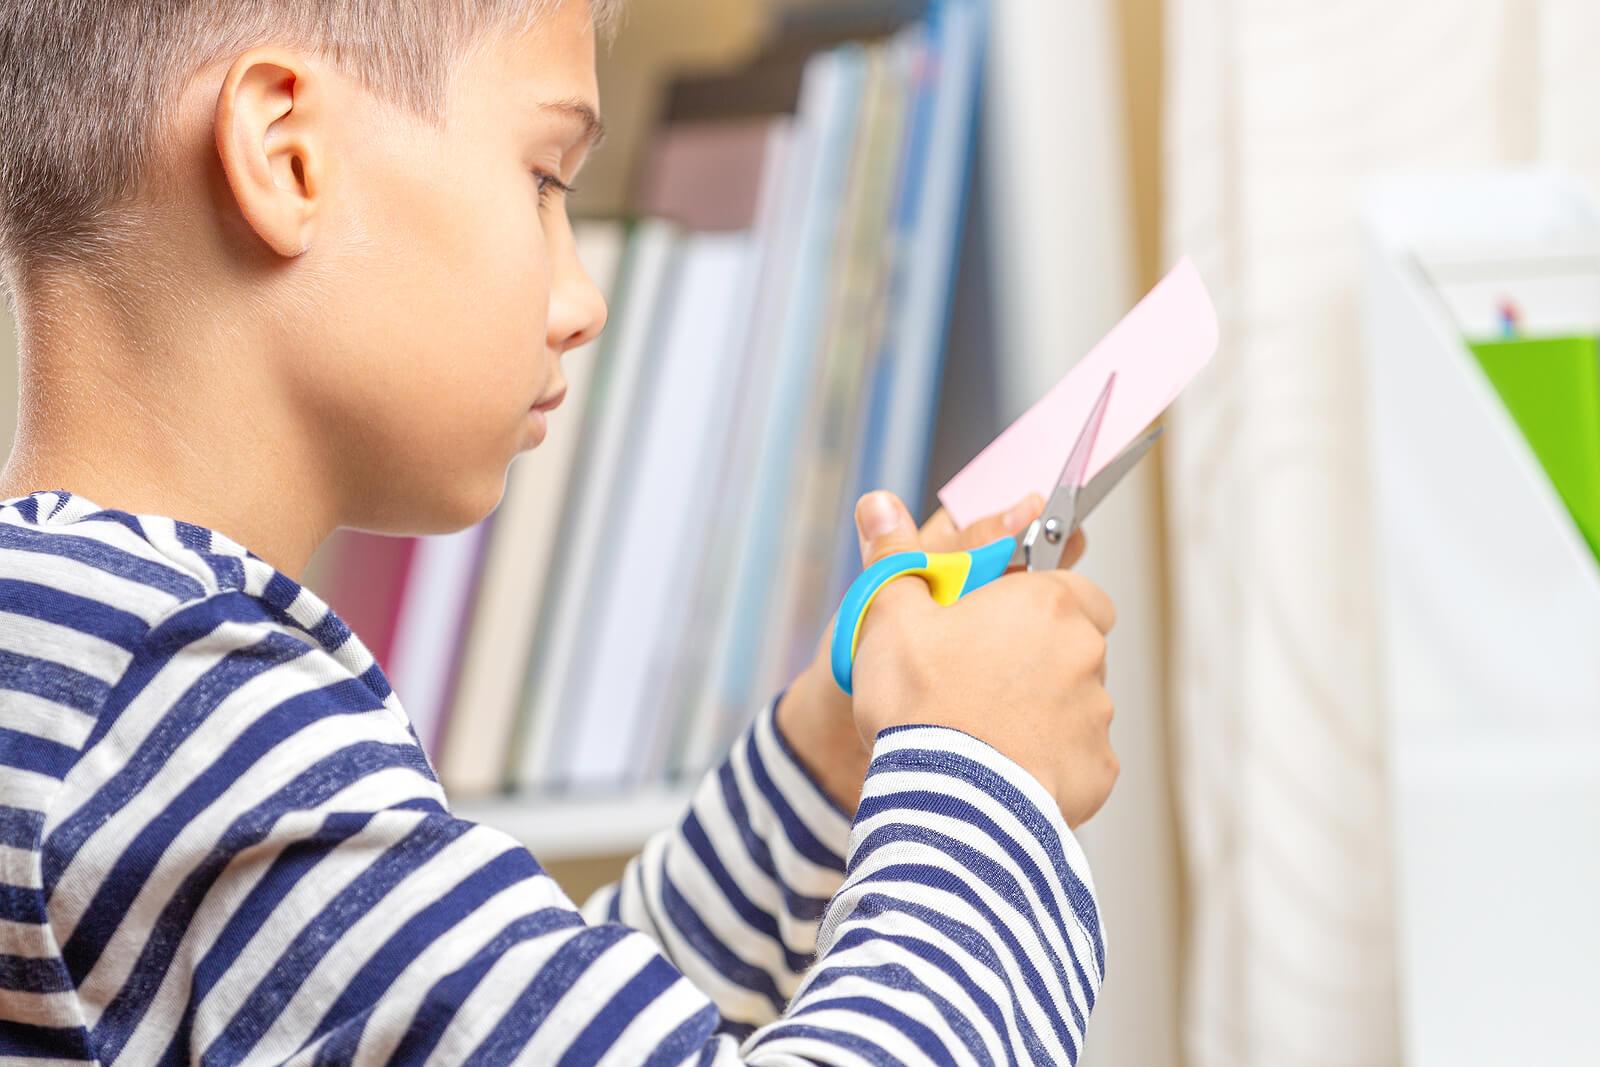 Un enfant qui découpe du papier.